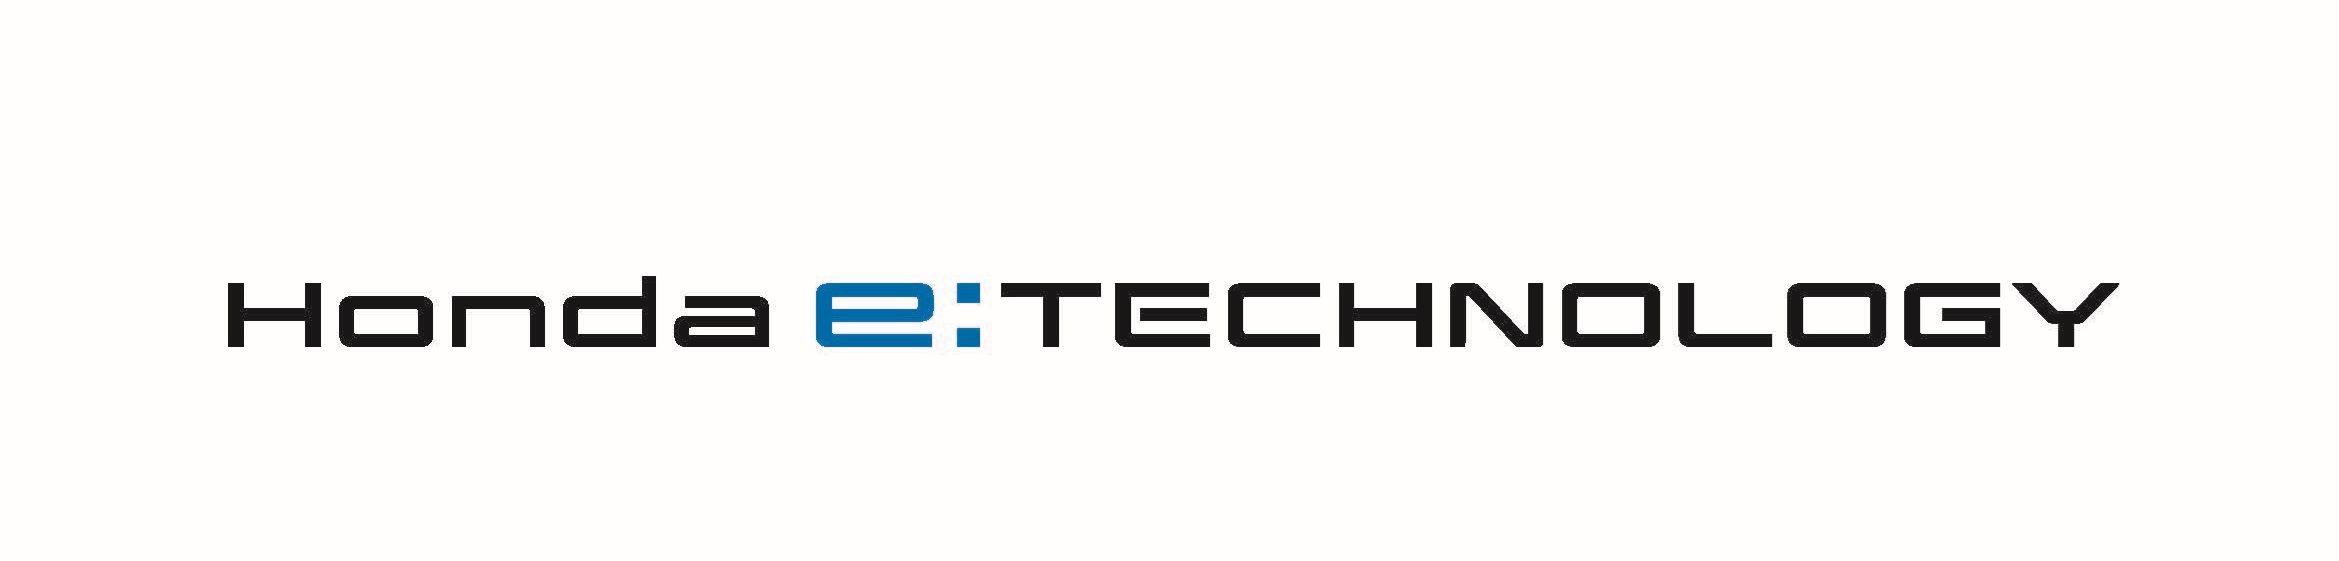 nueva-marca-global-vehiculos-electrificados_Honda_e-Technology